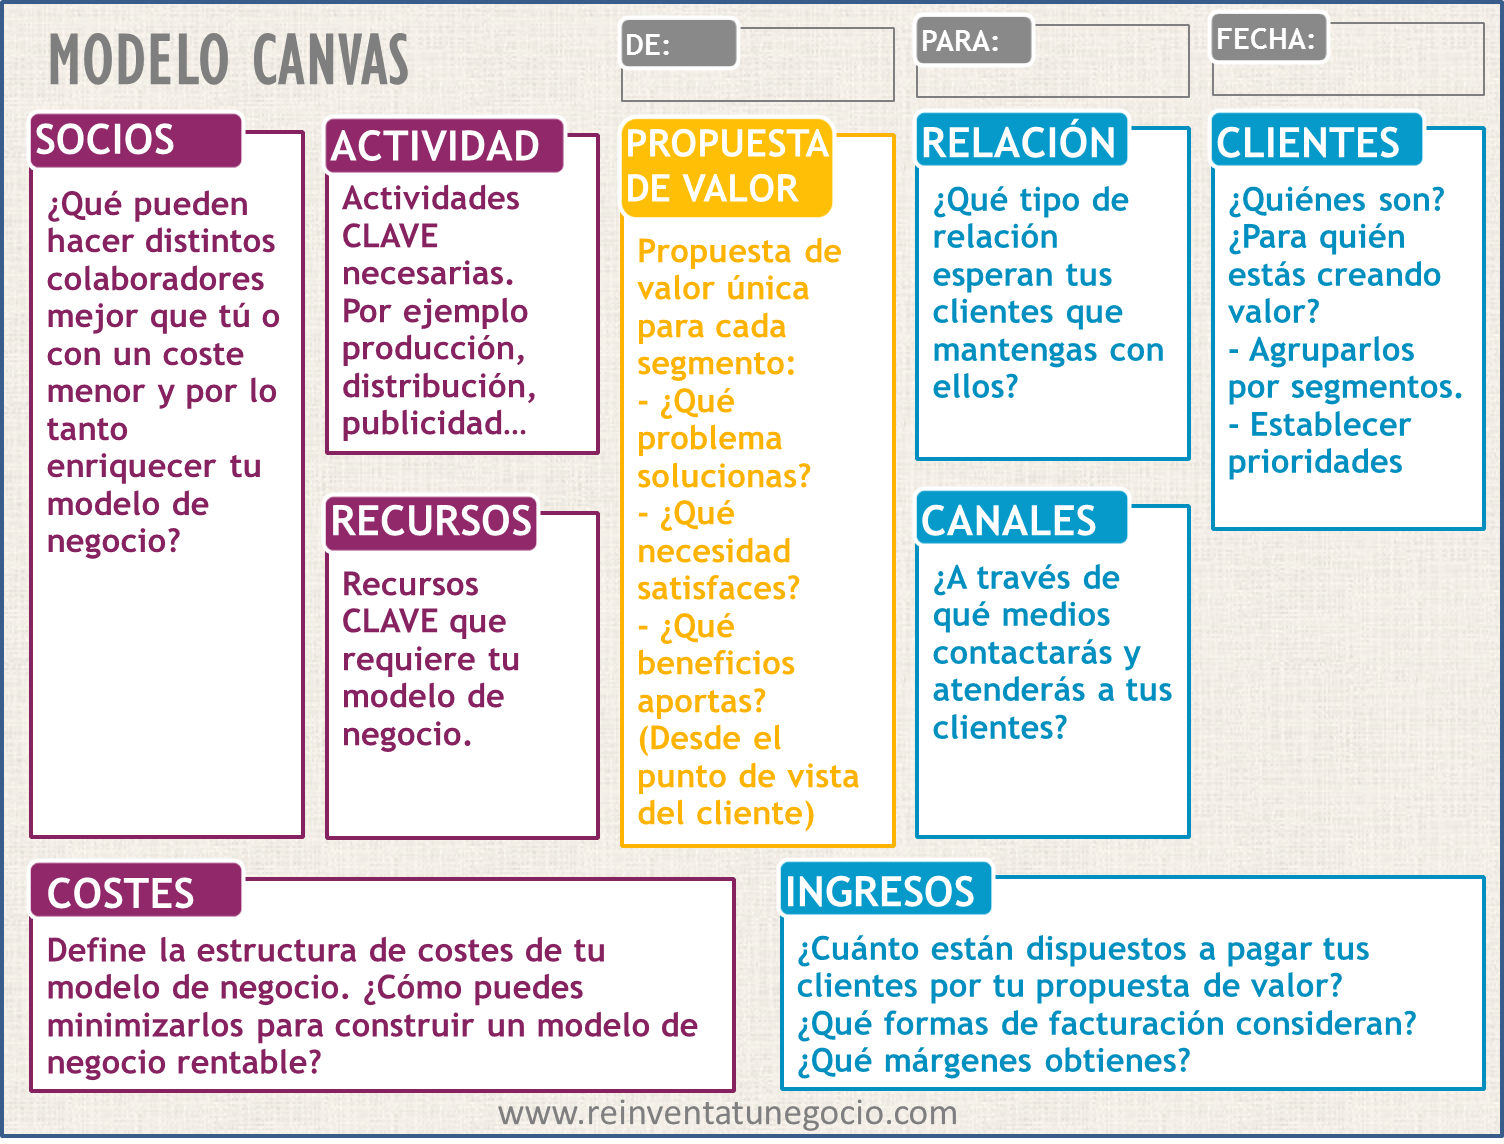 modelo canvas de negocio ejemplo - Buscar con Google | LIDERAZGO ...